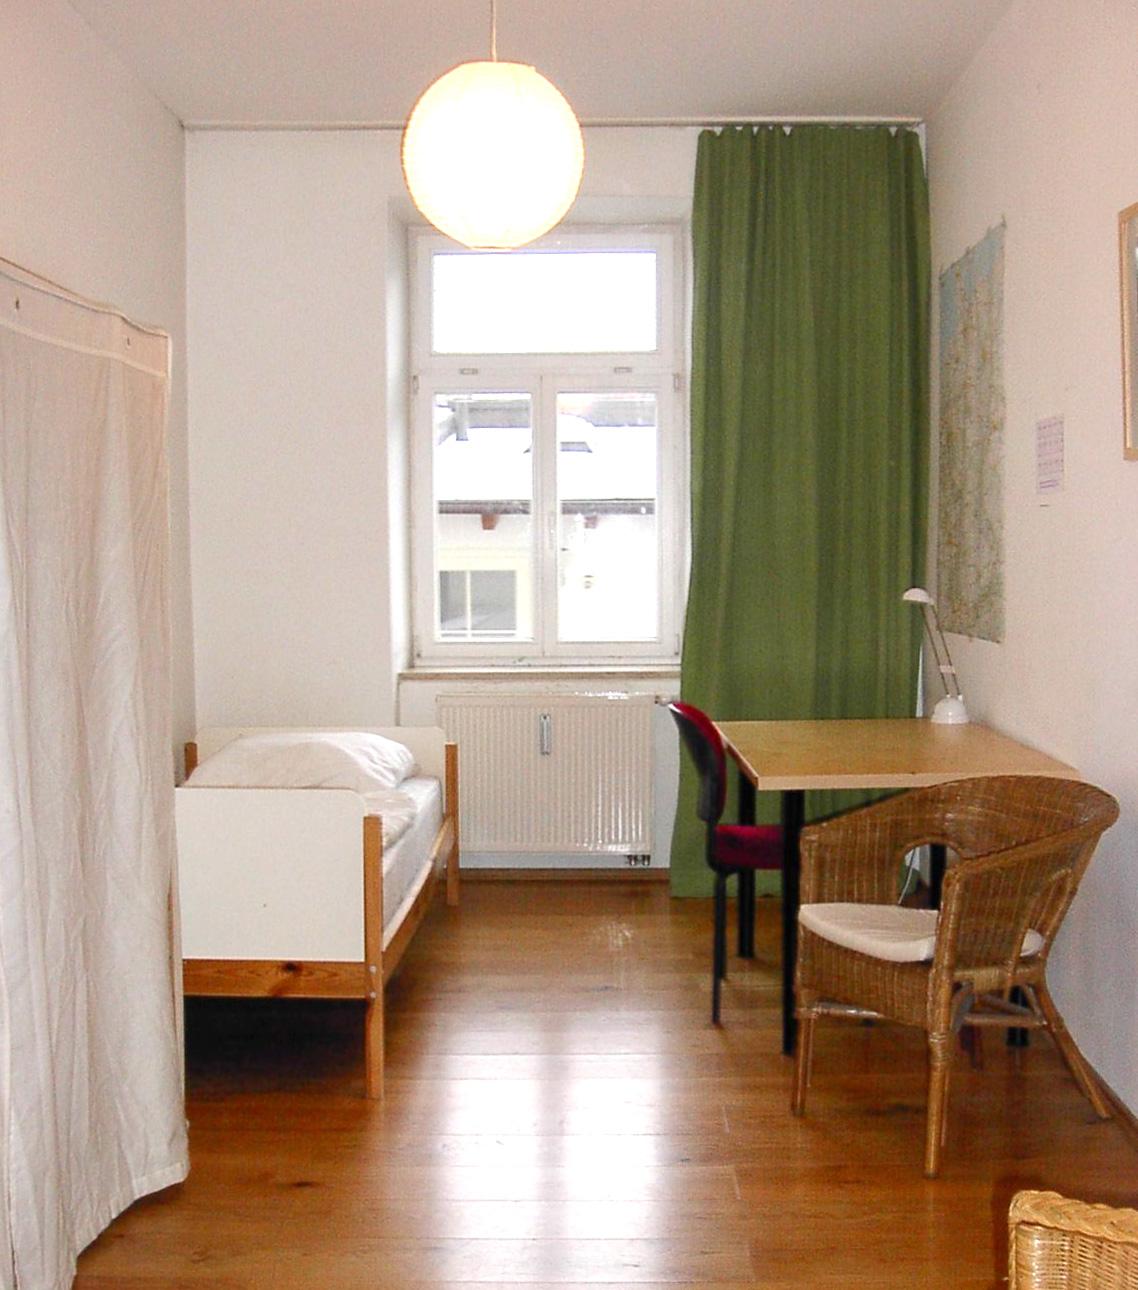 Studio in Munich